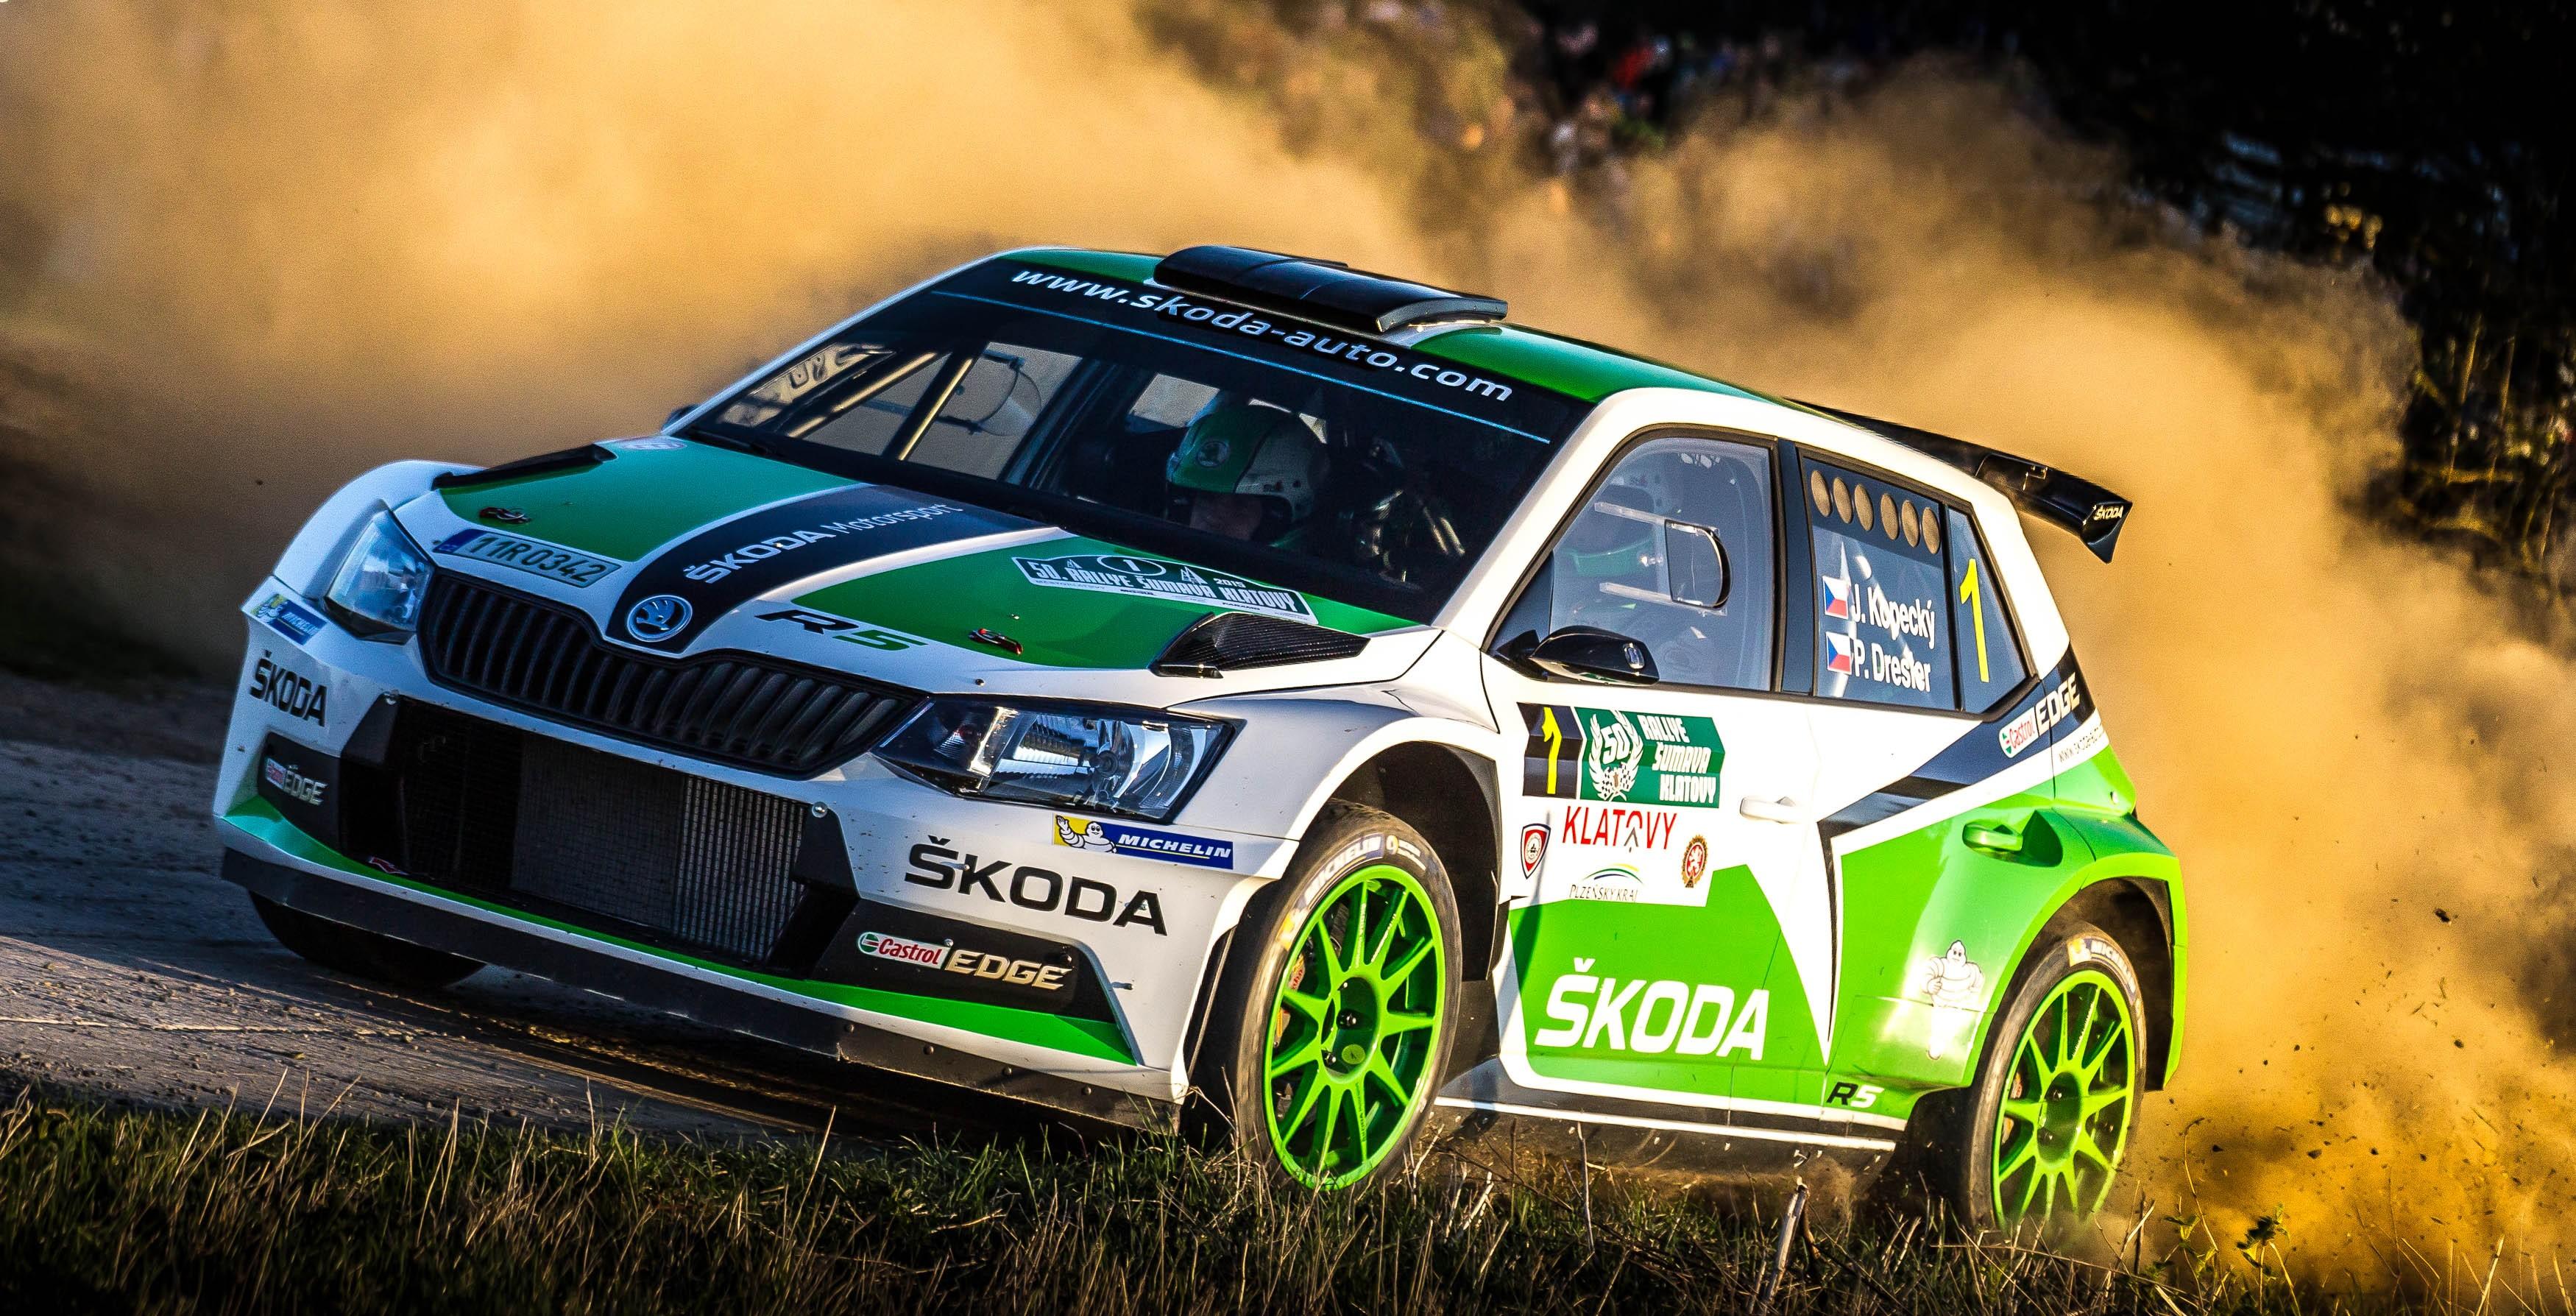 Visszatér a Skoda a WRC sorozatba?